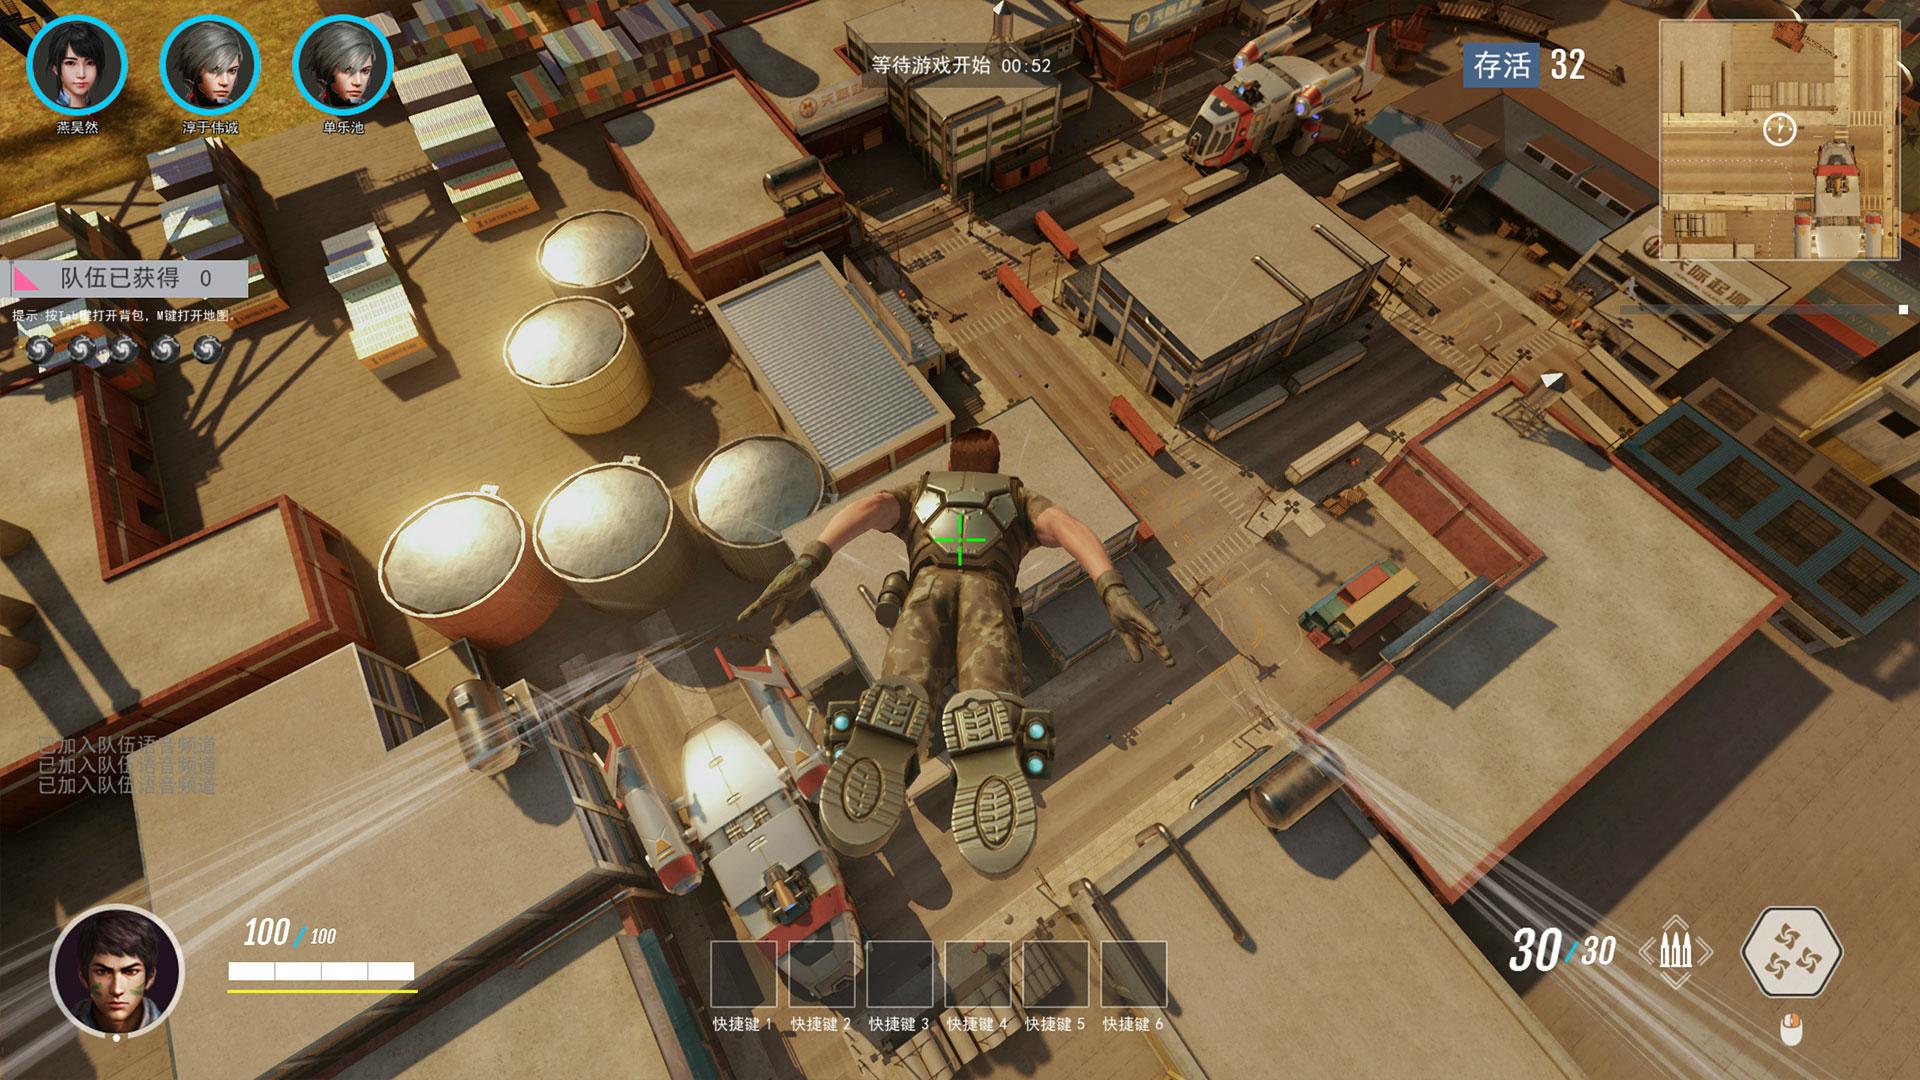 《天际起源》游戏截图